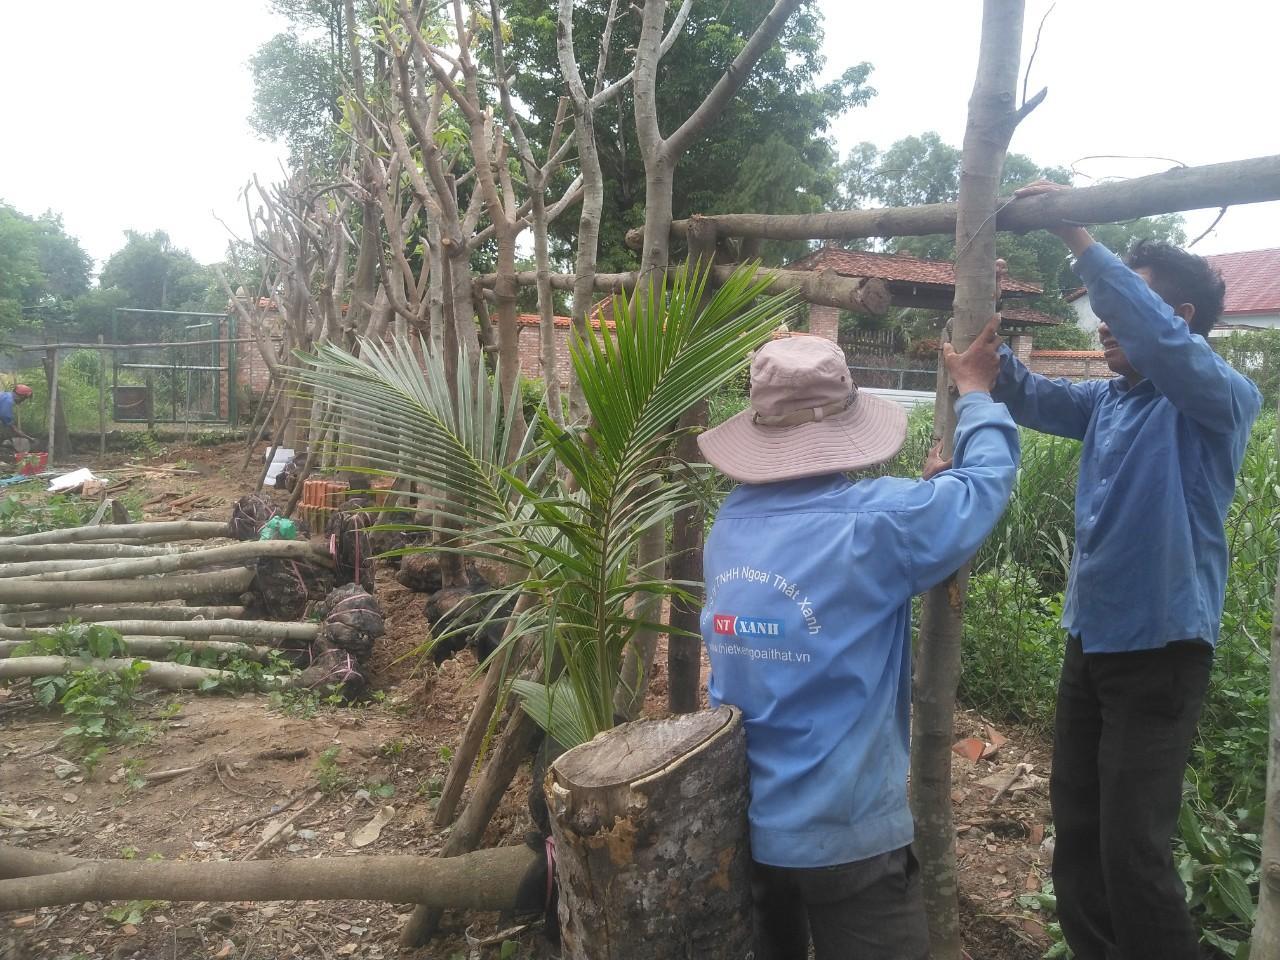 Dịch vụ trồng cỏ trồng cây xanh tại Bình Dương của Ngoại Thất Xanh